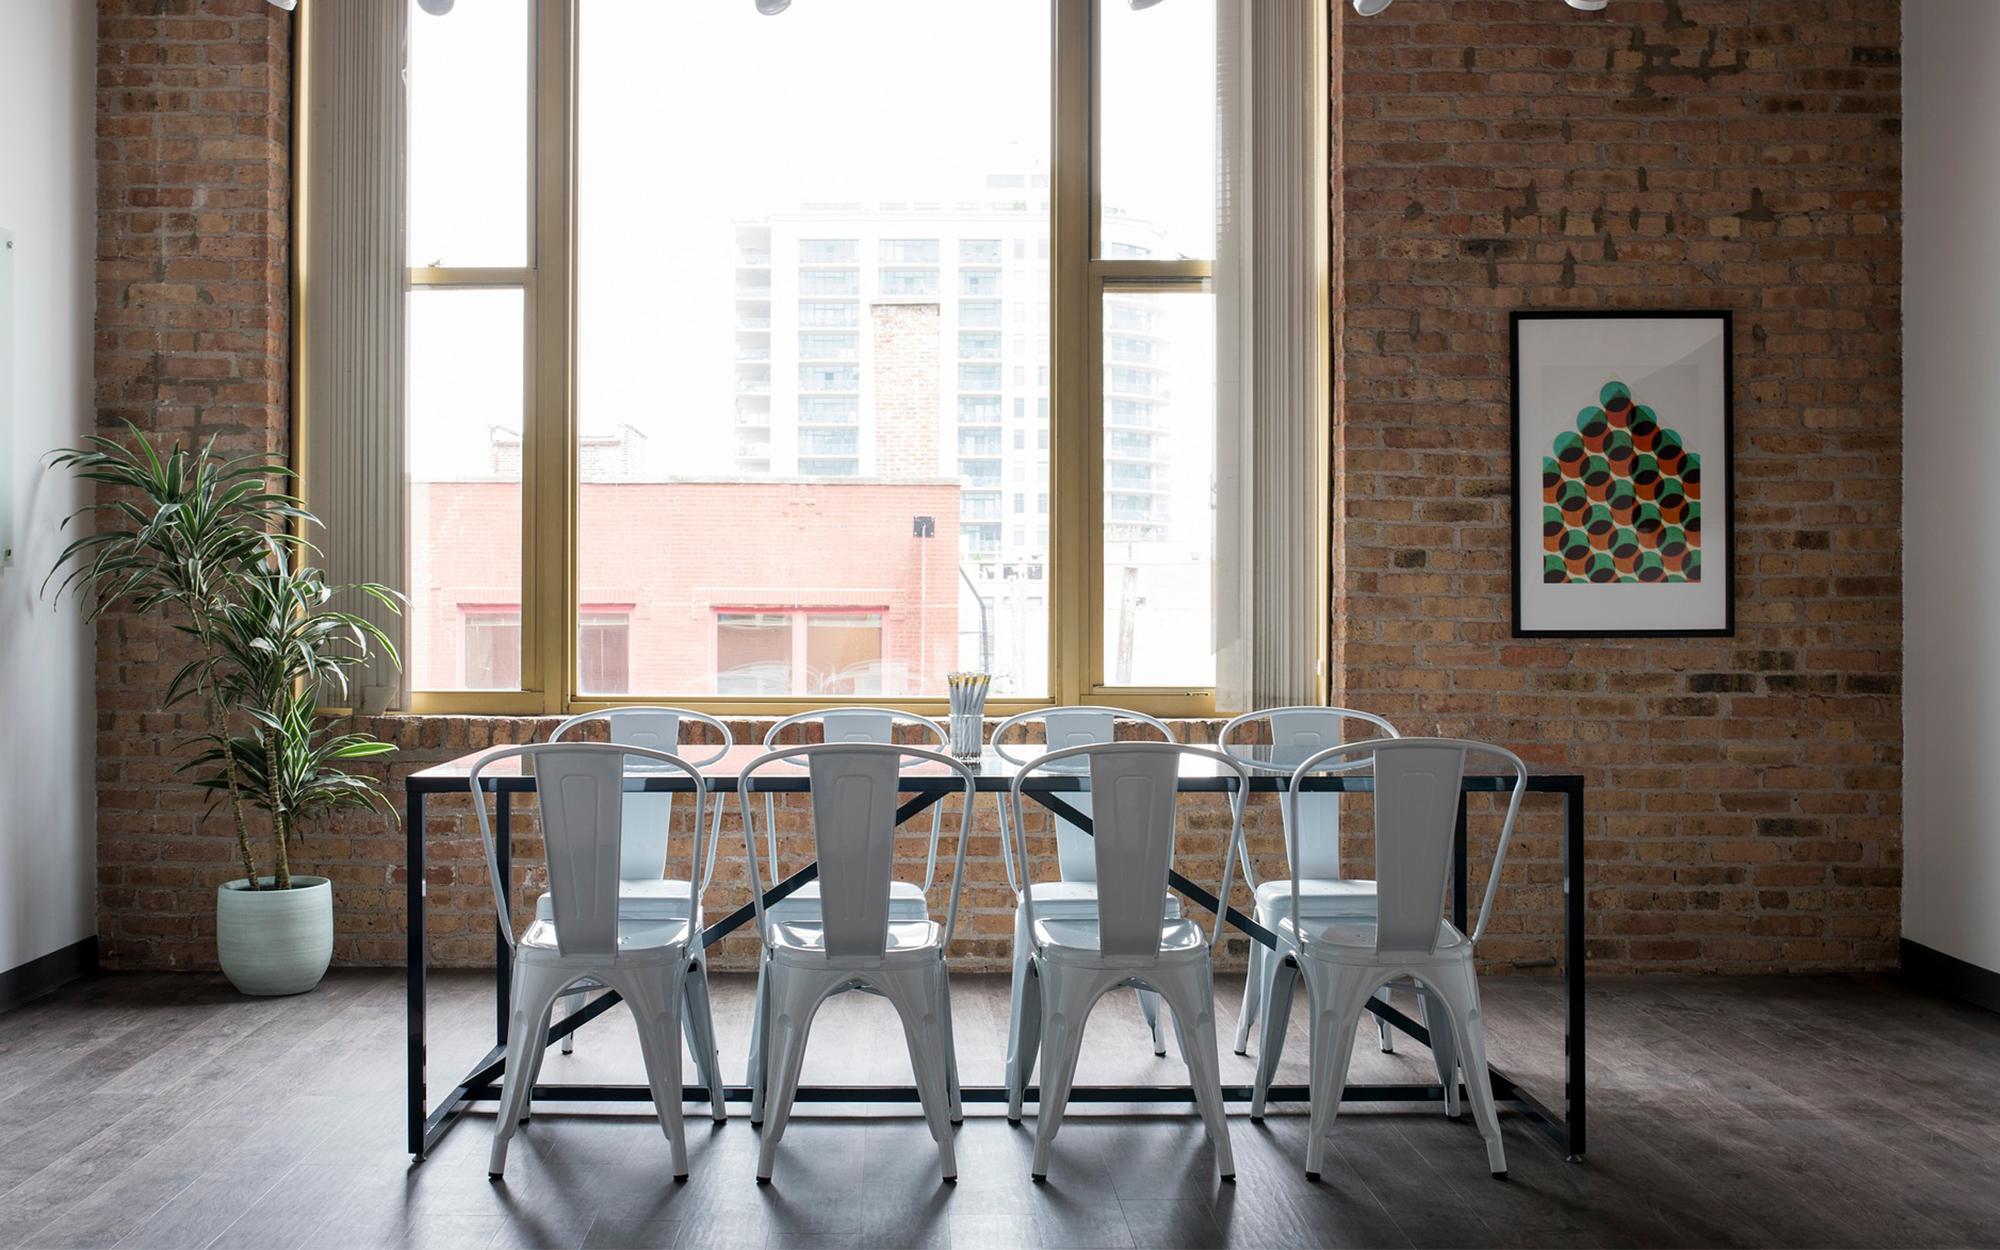 A Contemporary Industrial Interior